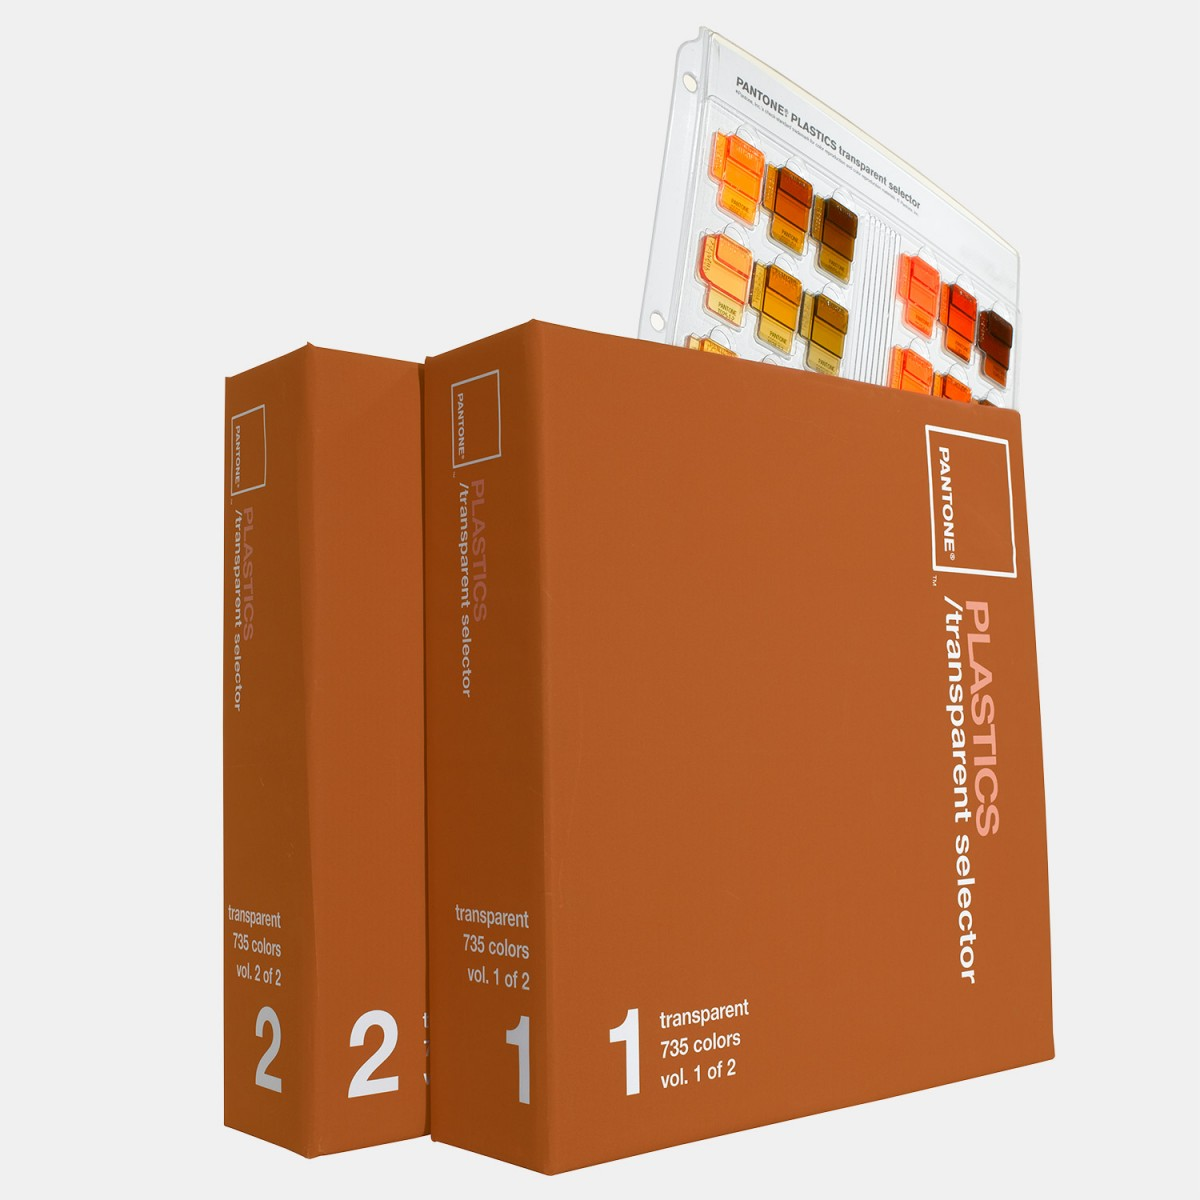 PBT100-pantone-plastics-transparent-selector-product-1